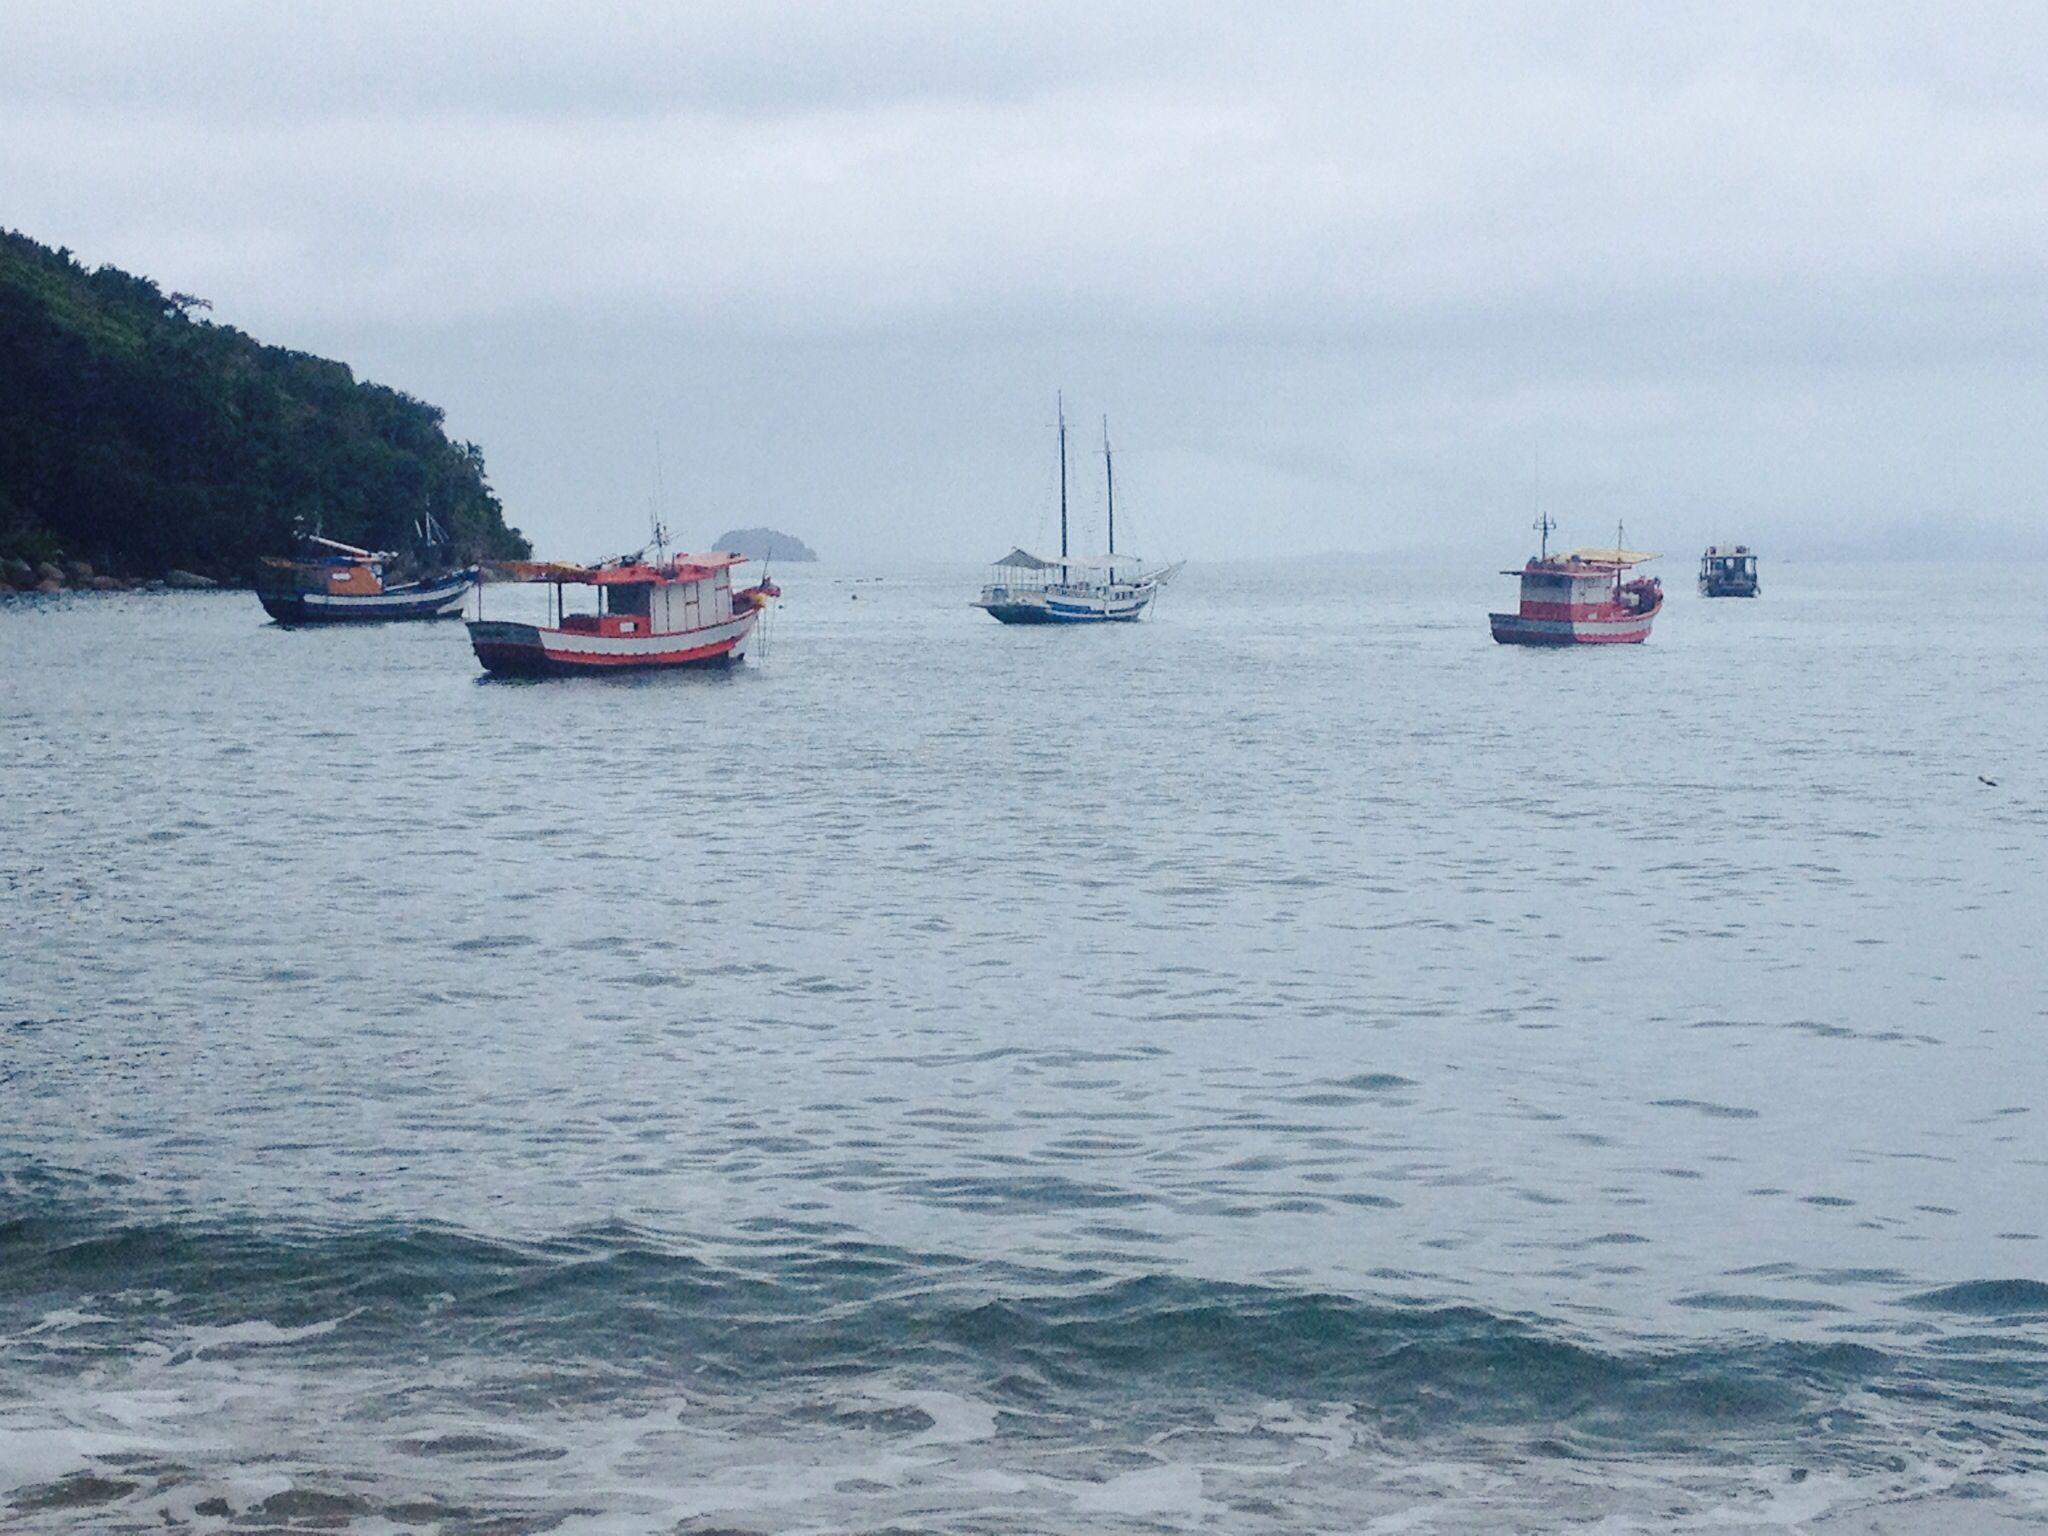 Ubatuba, litoral norte de São Paulo - praia da Pinciguaba, local de pescadores e produção de vieiras